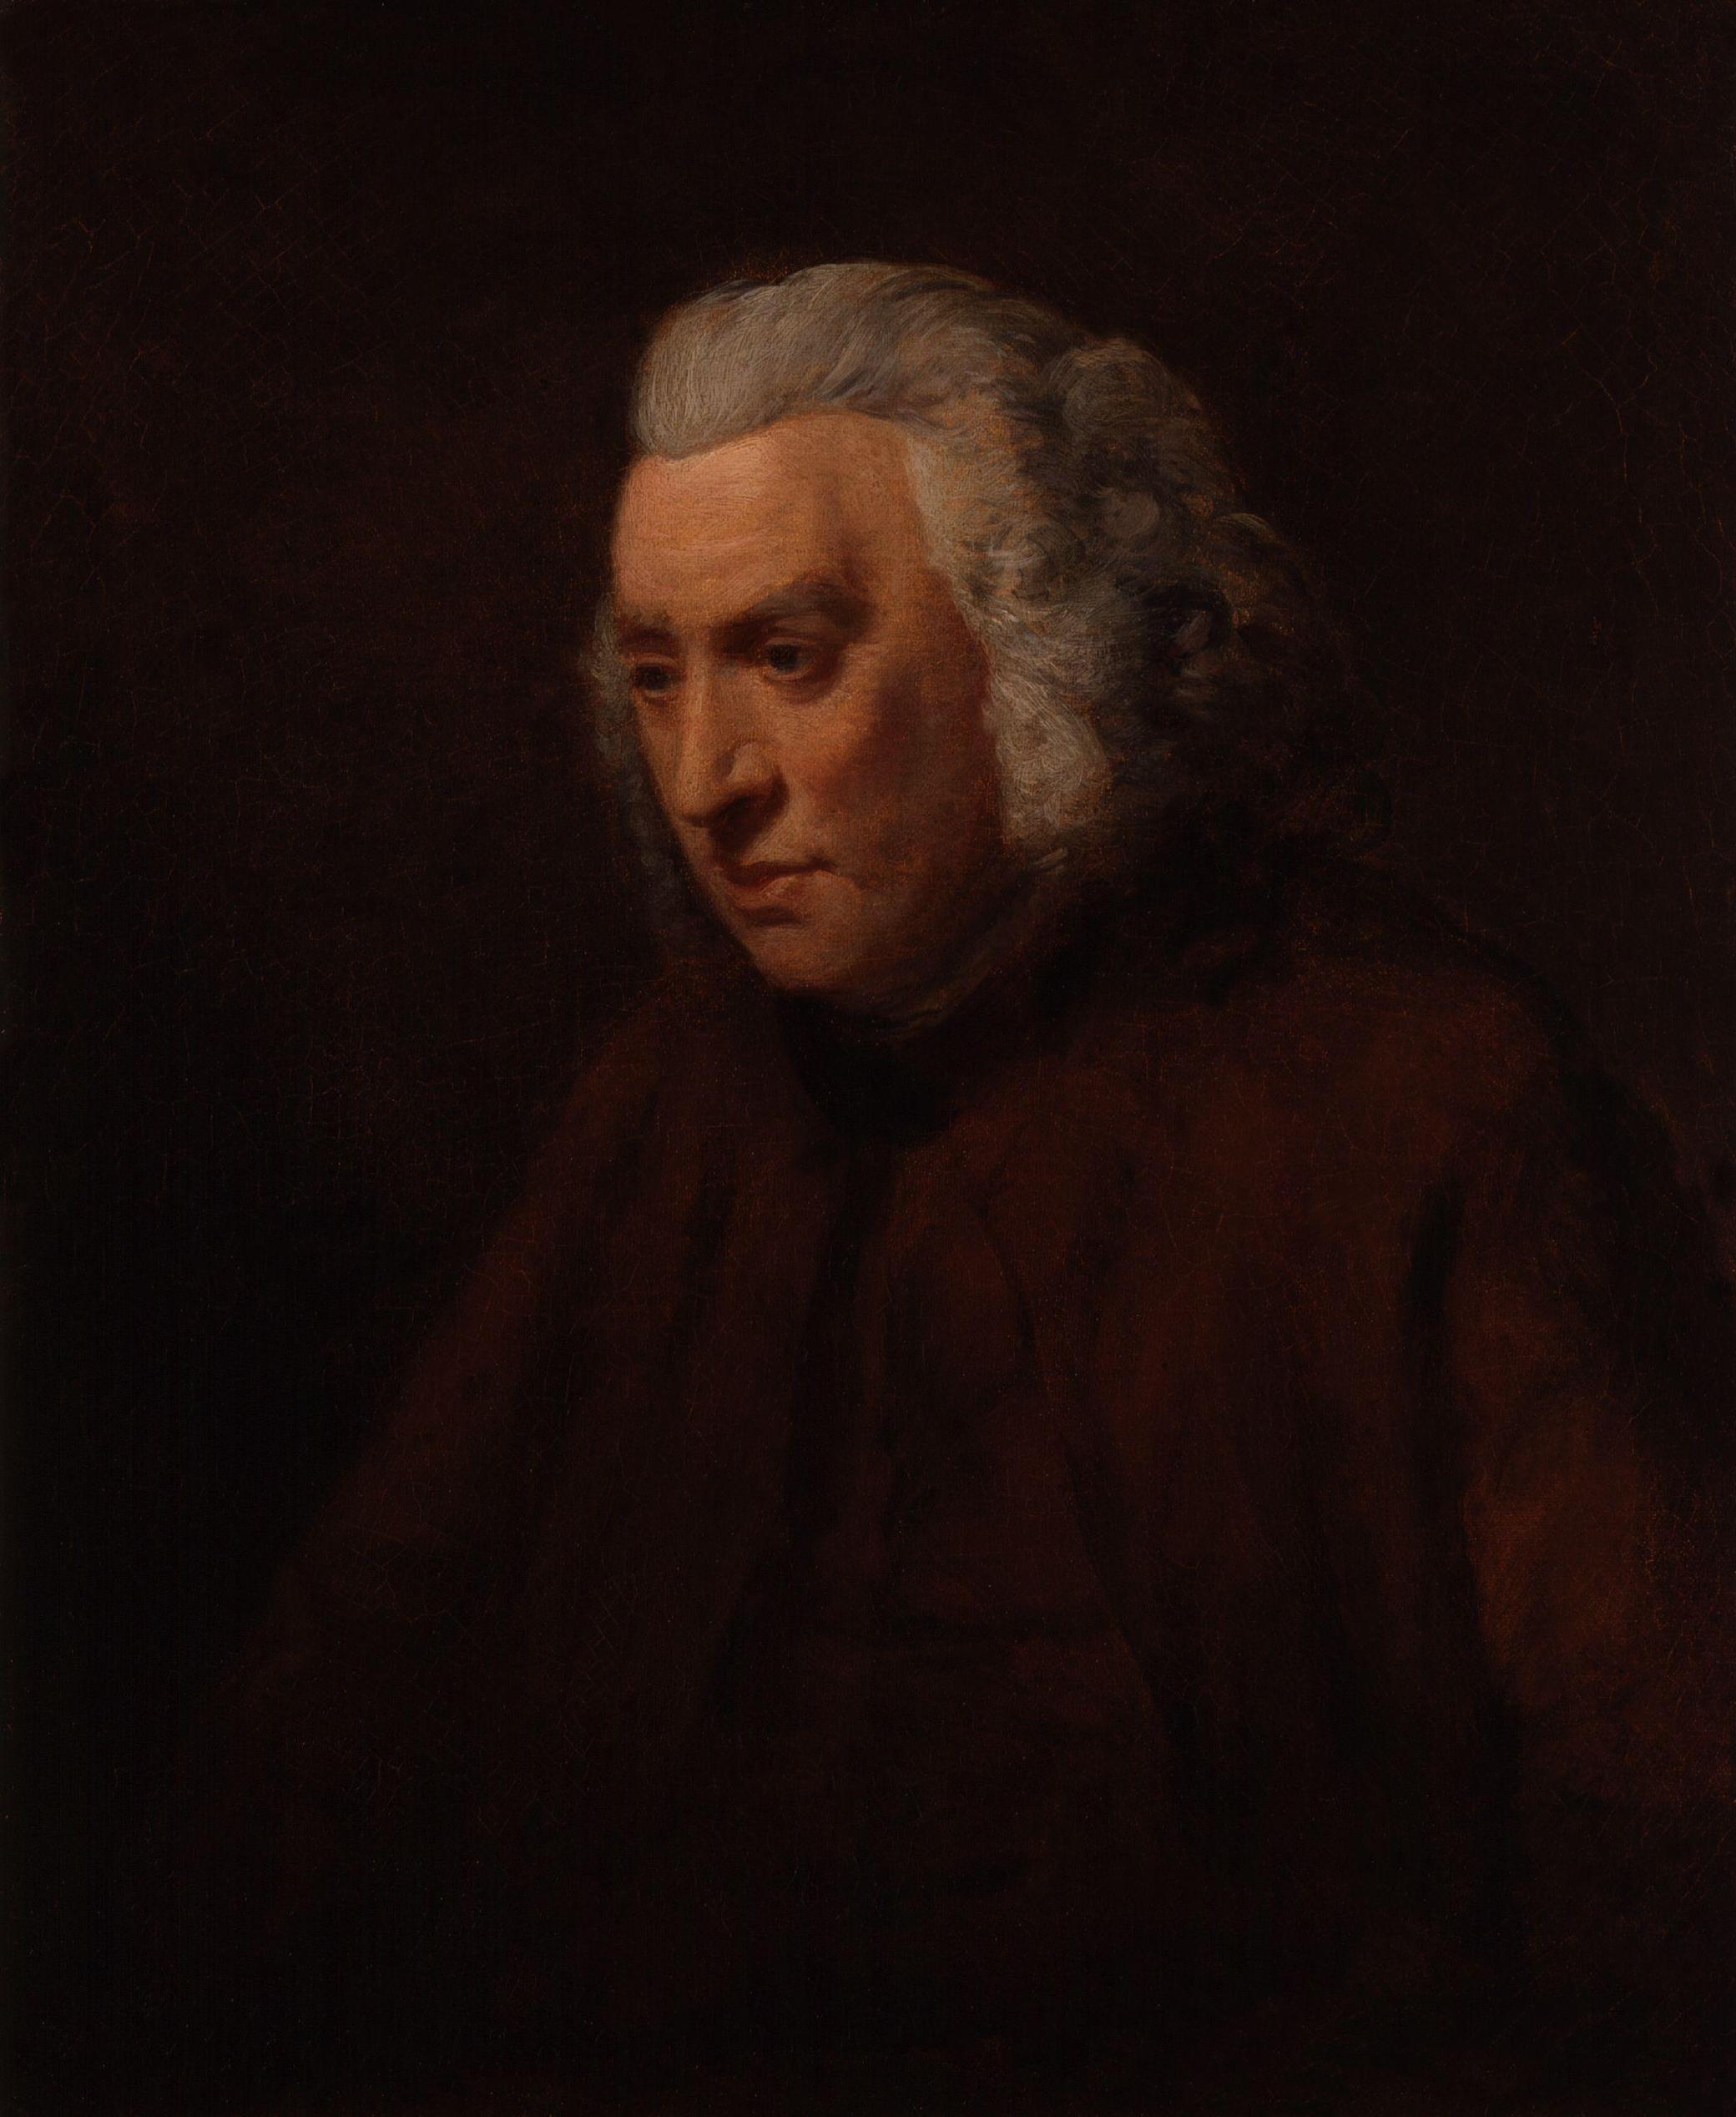 Samuel Johnson, by John Opie. National Portrait Gallery, London.